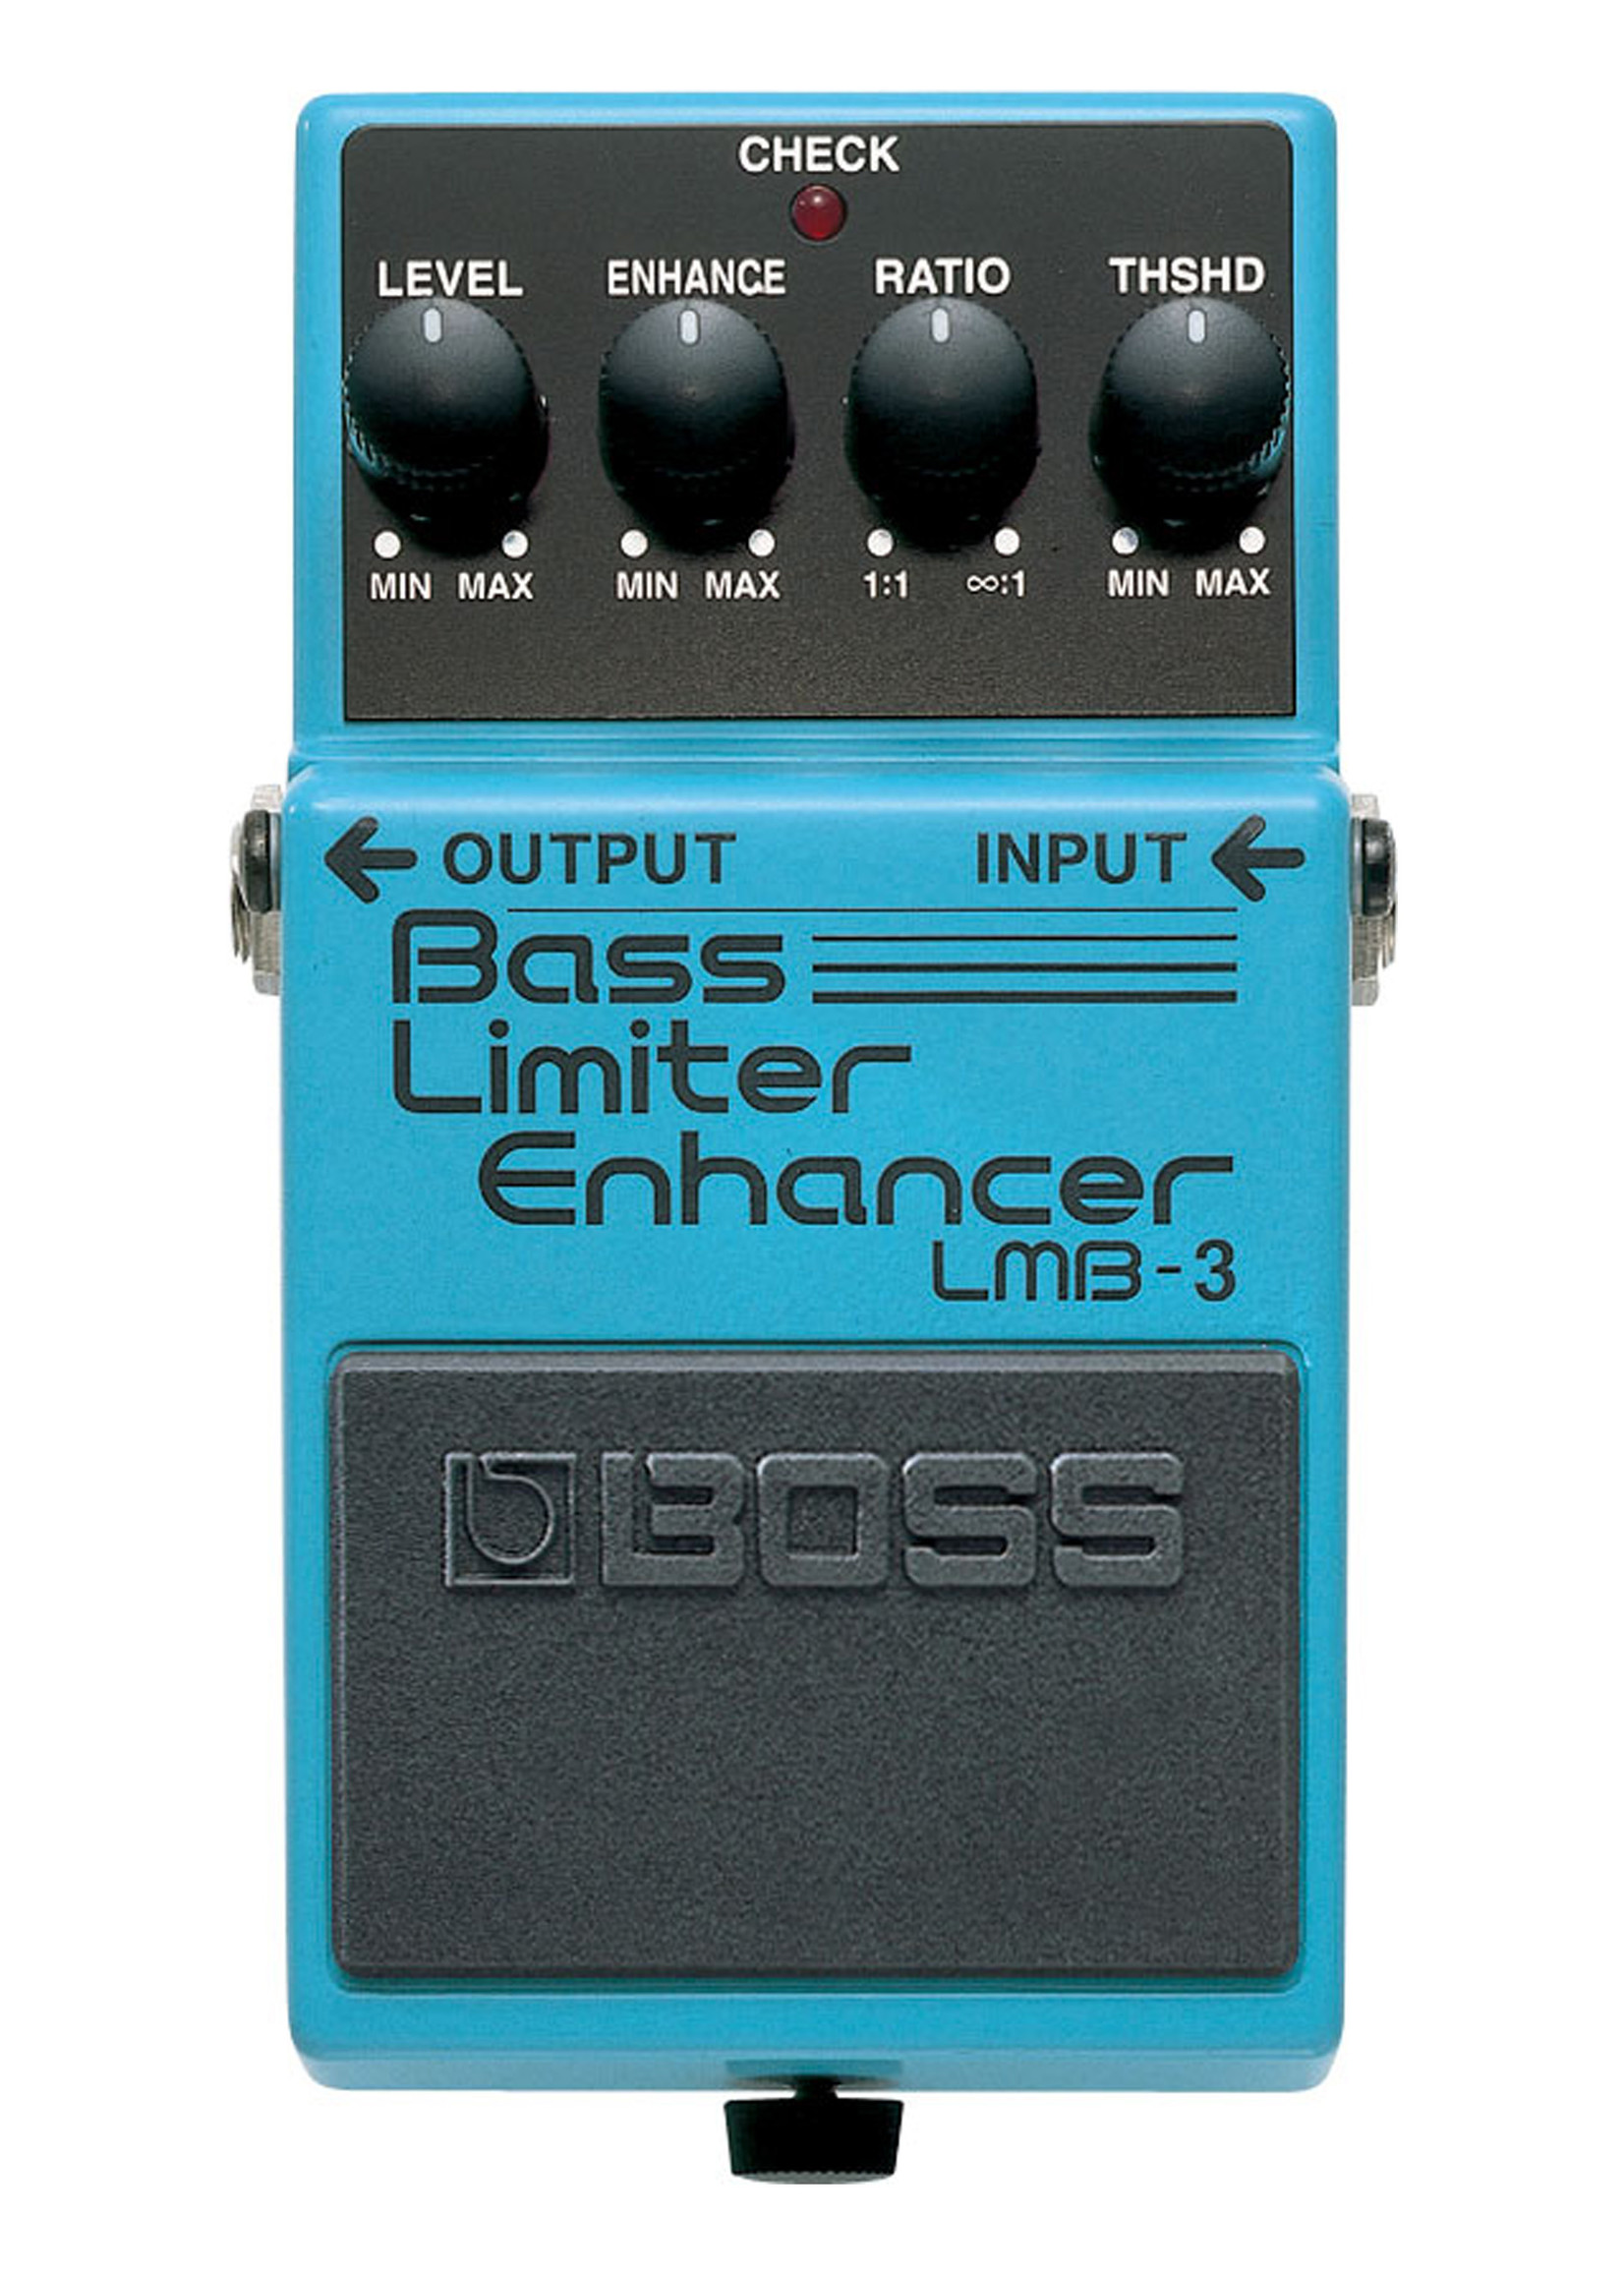 Boss Boss Bass Limiter Enhancer